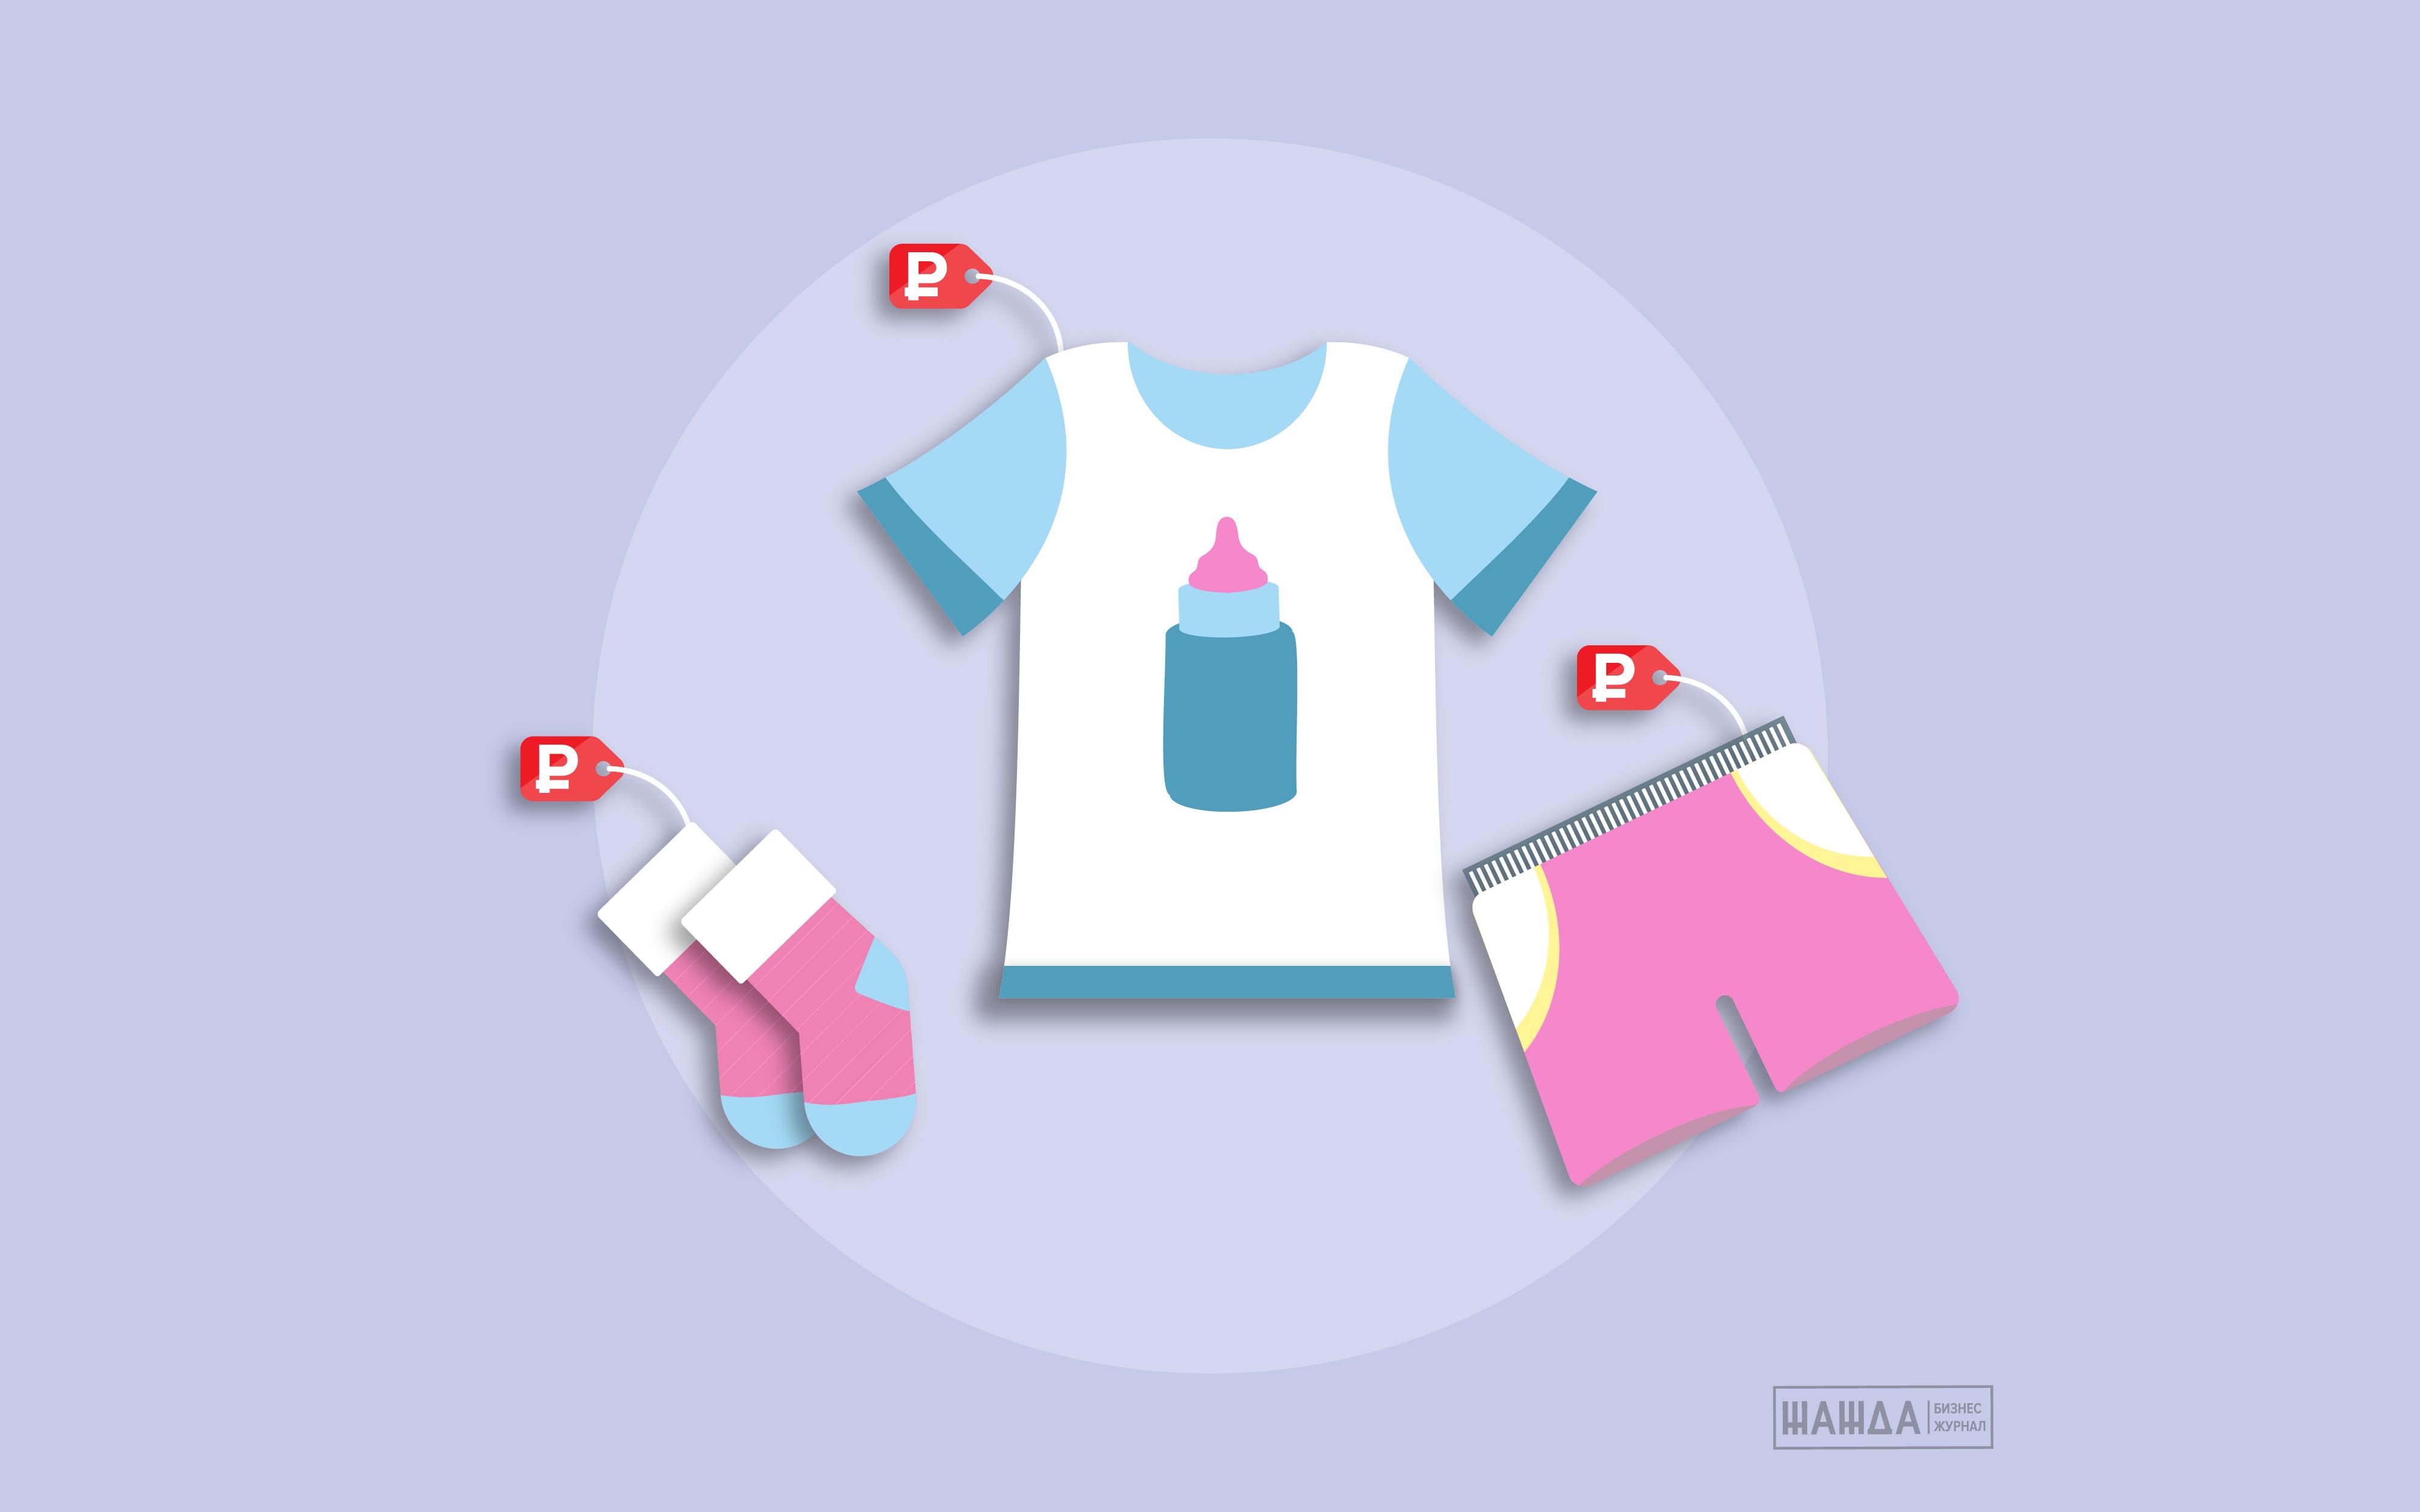 Бизнес план продажи детской одежды как открыть пивбар бизнес план